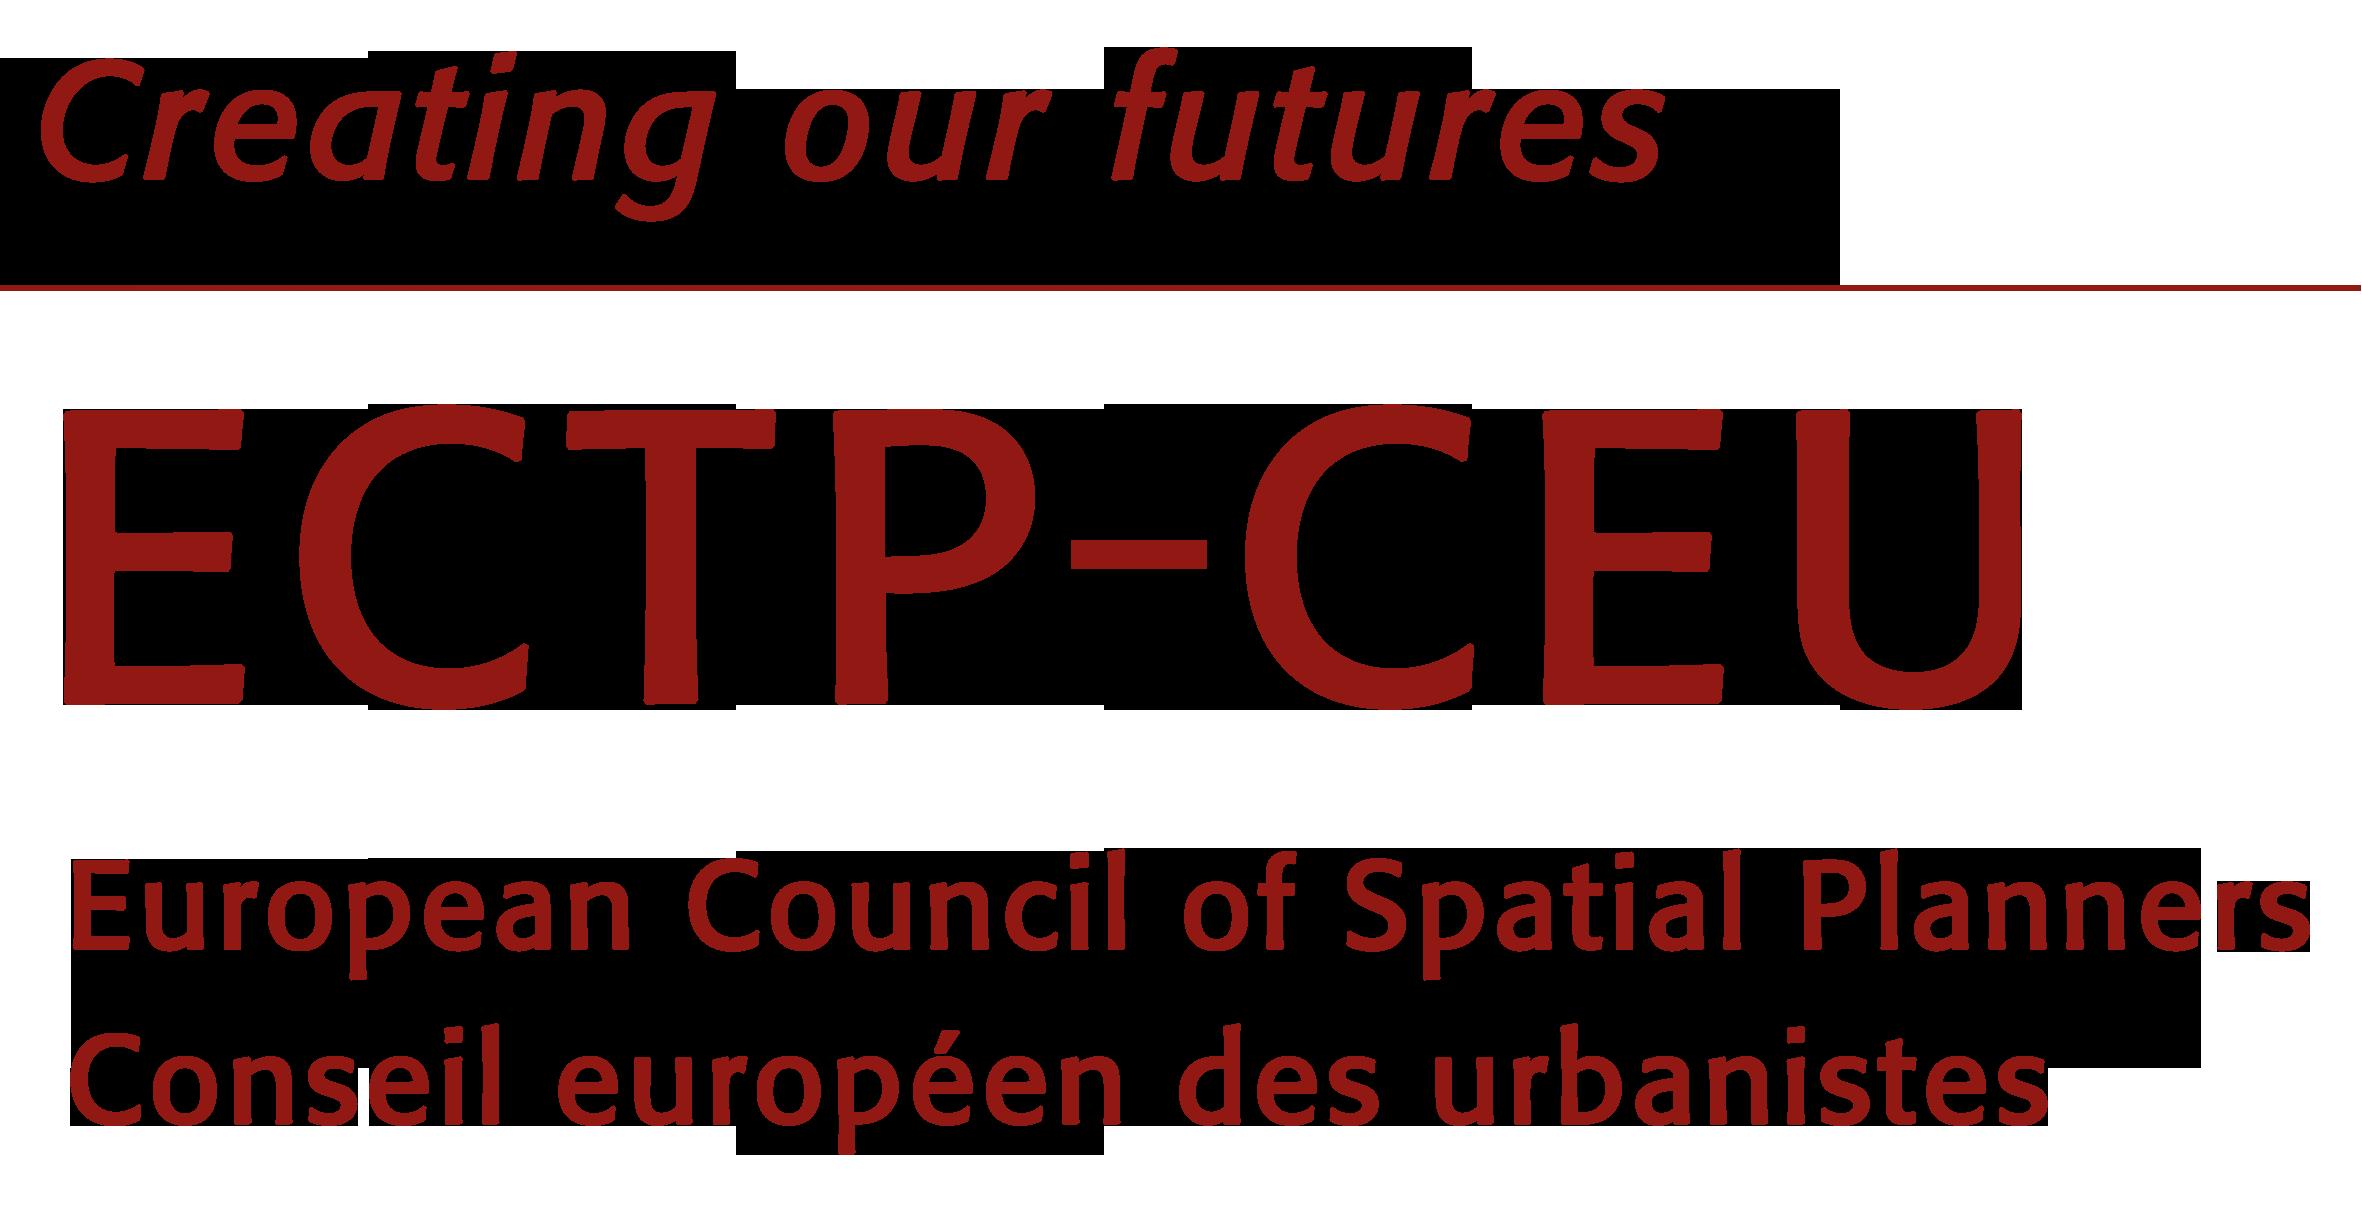 ECTP-CEU